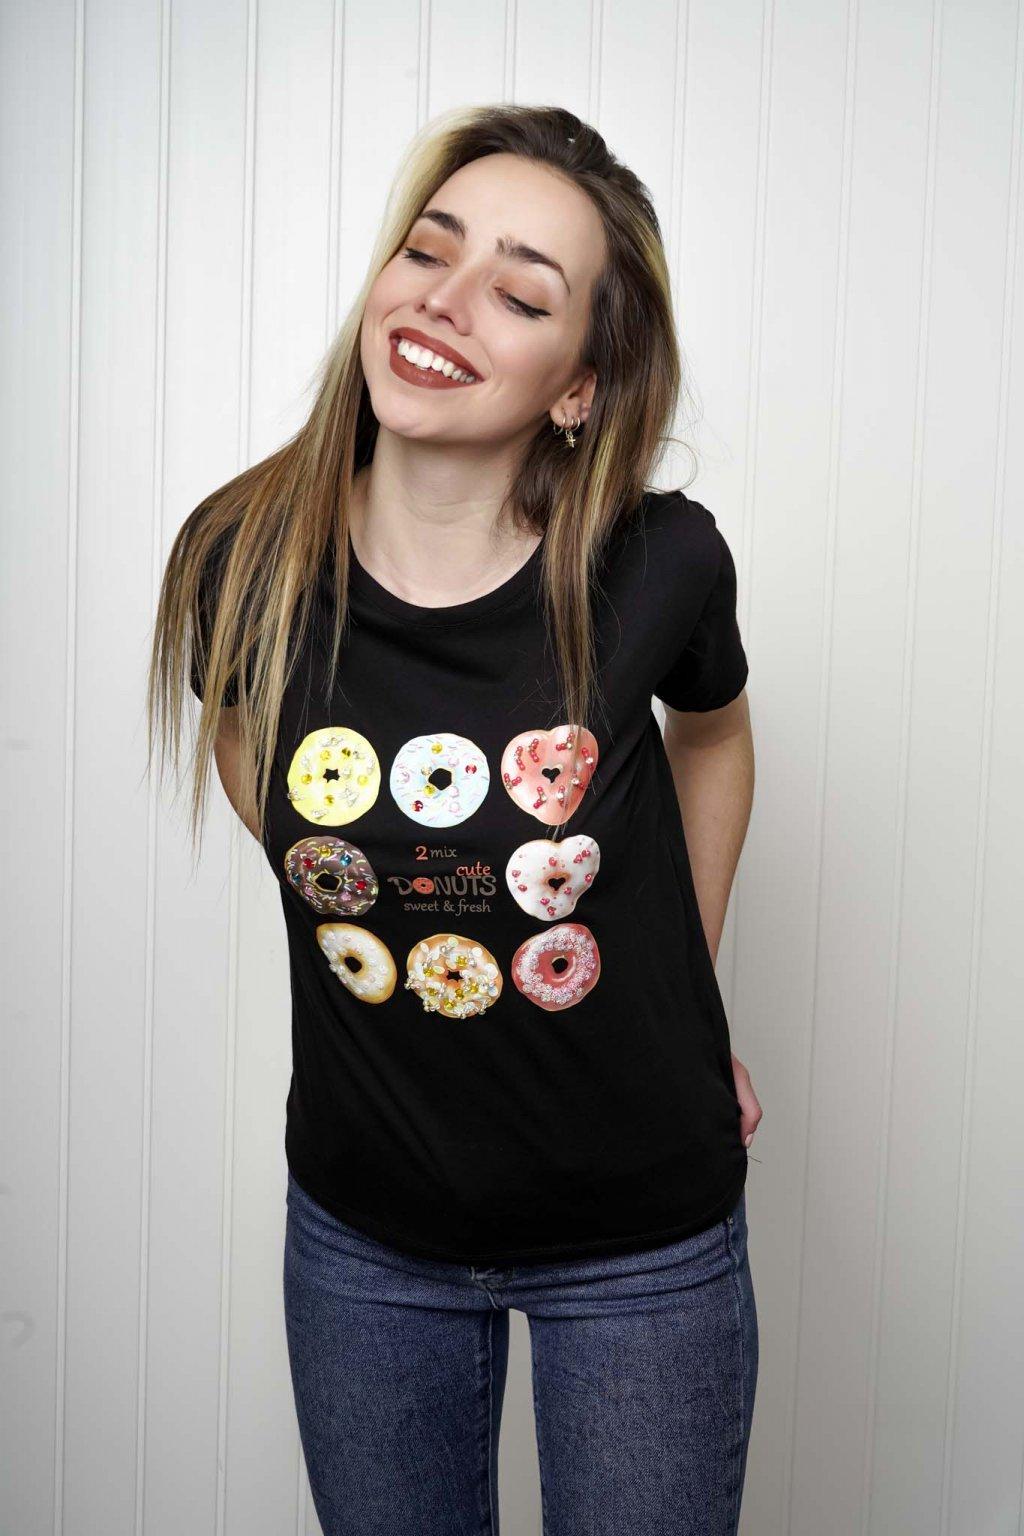 tričko, tričkové šaty, biele, čierne, žlté, vzorované, potlač, vyšívané, nášivky, fialové, street style, 242